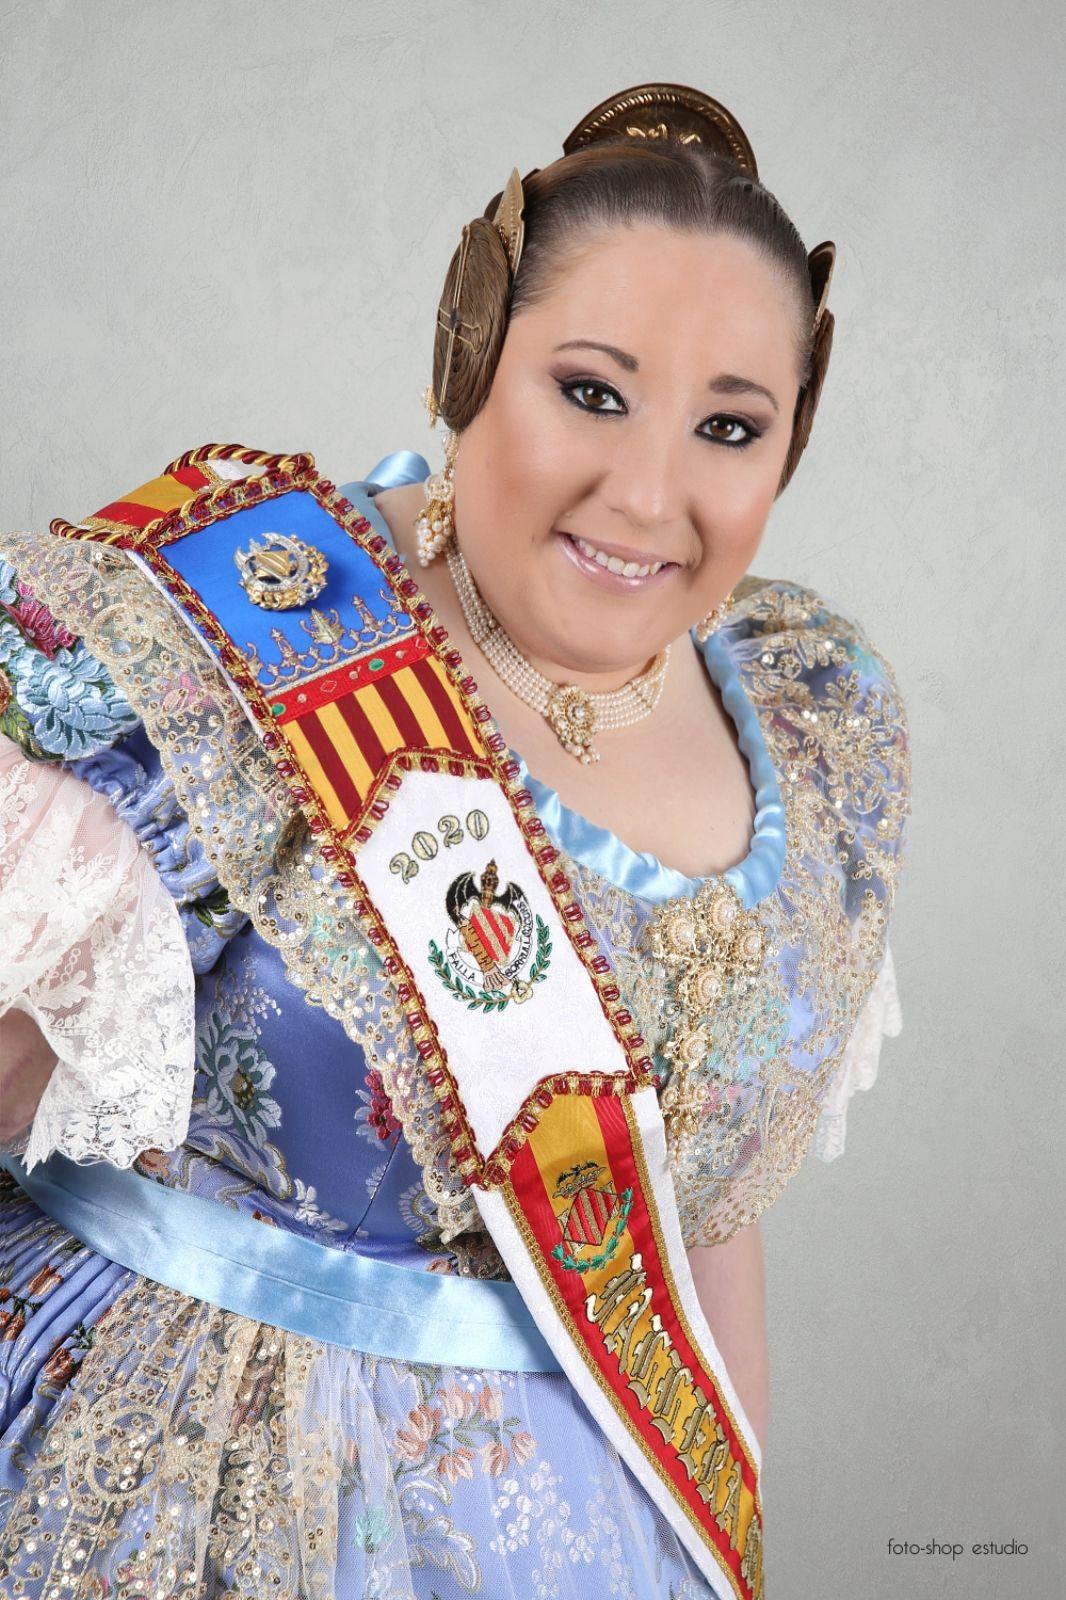 21-F-Cristina.jpg